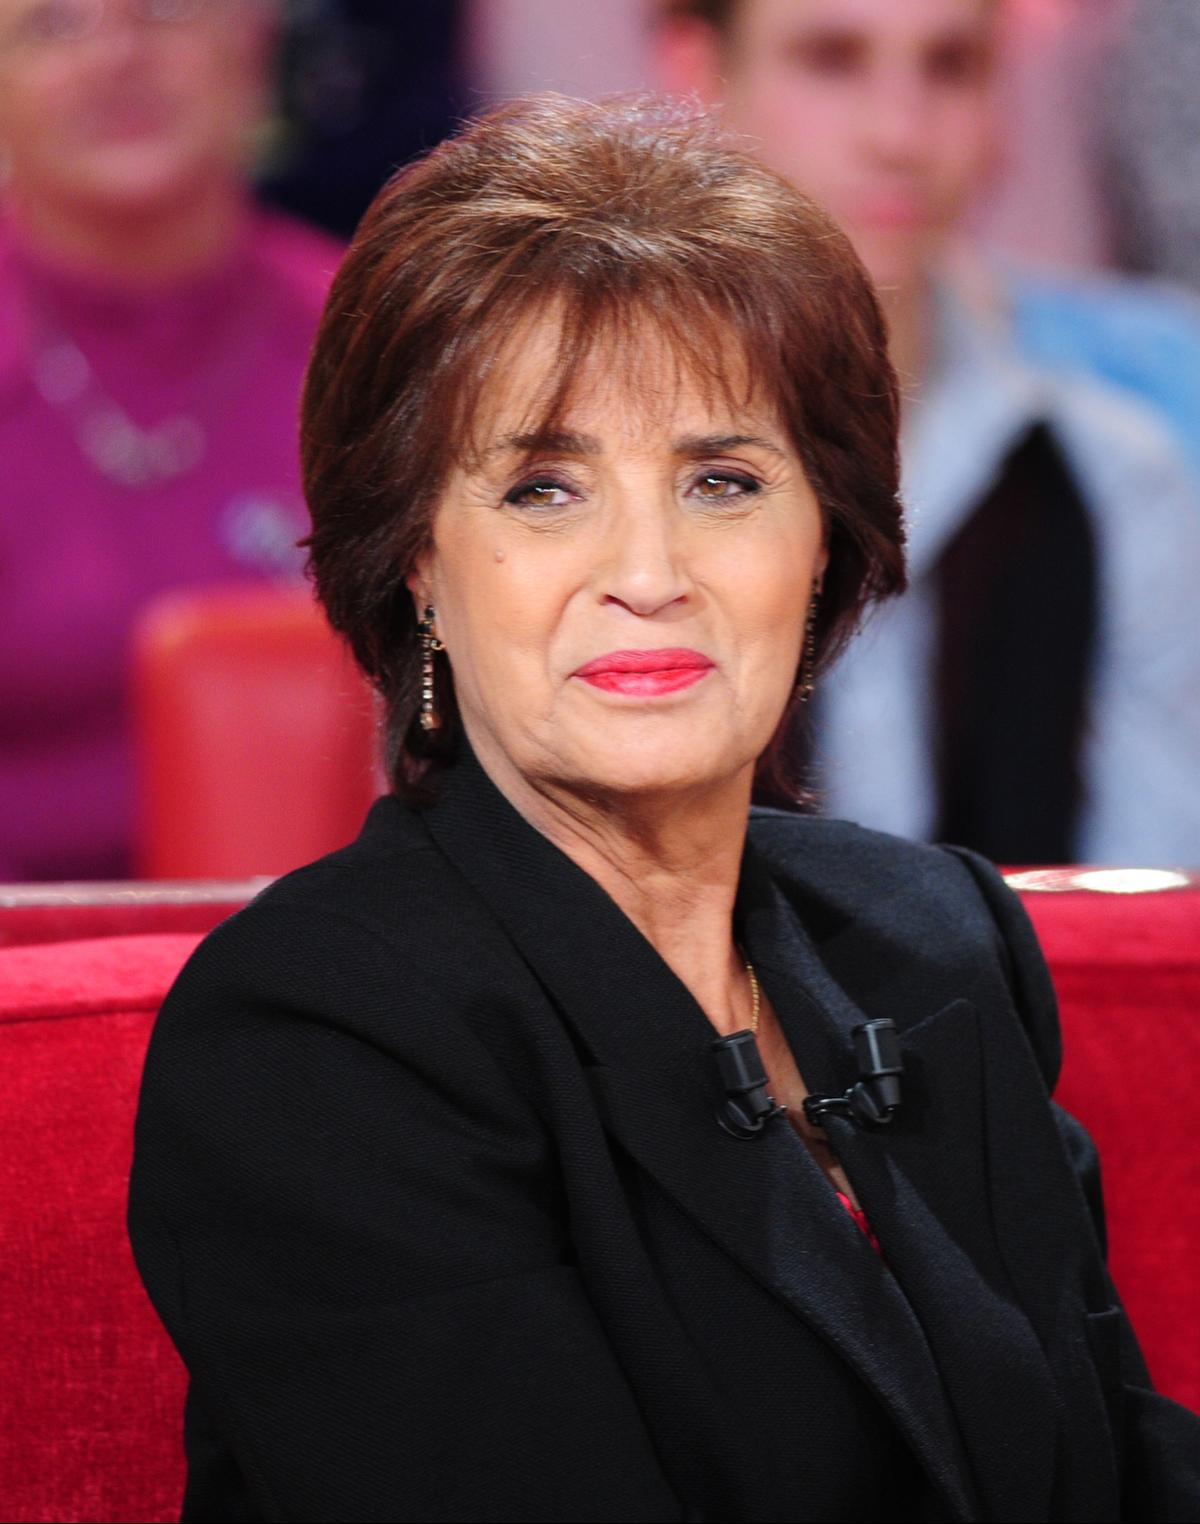 Que Devient Linda De Suza : devient, linda, Linda, Chanteuse, Retour, Image, Sa..., Télé